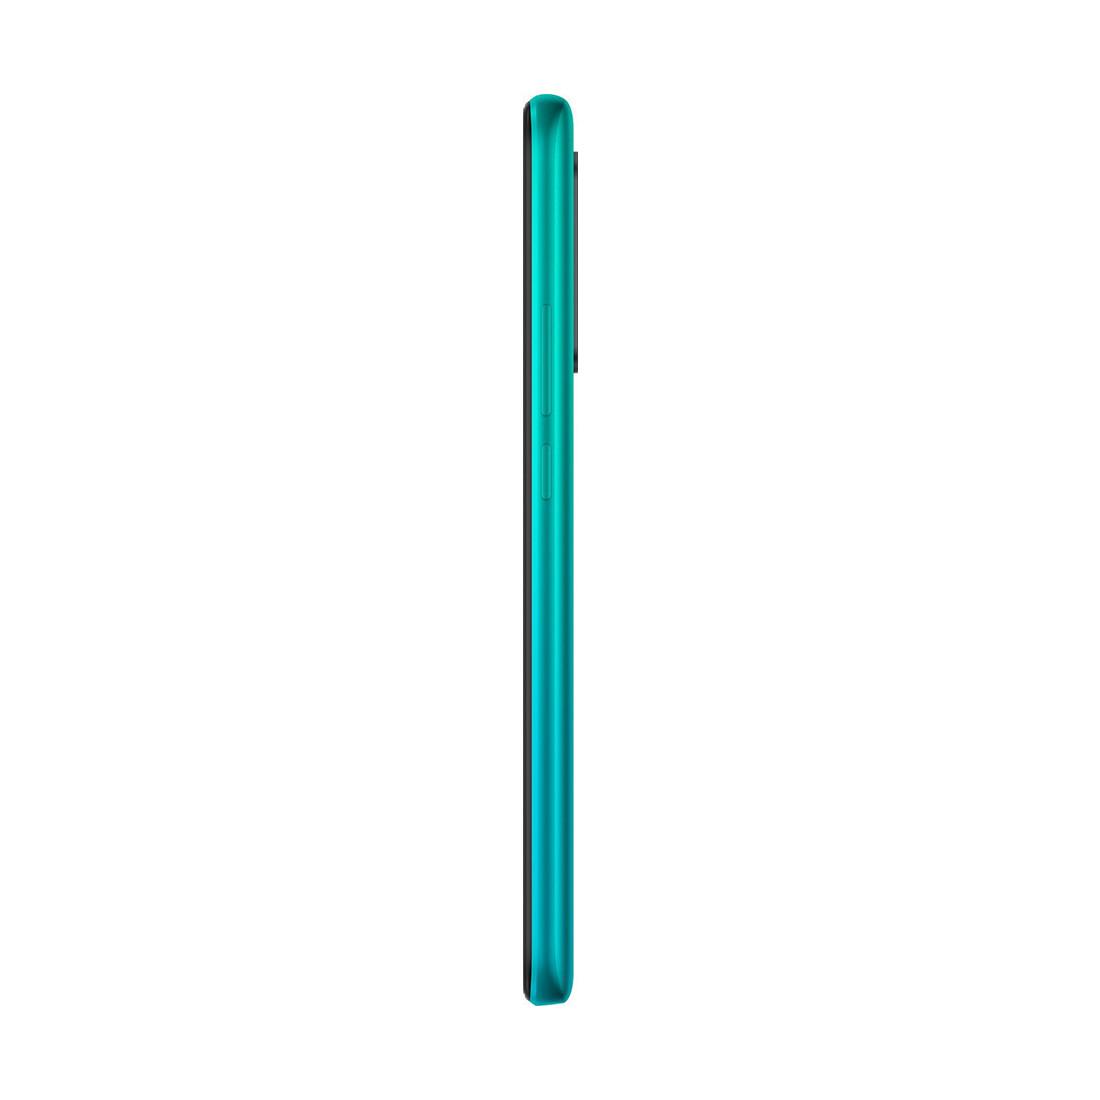 Мобильный телефон Xiaomi Redmi 9 32GB Ocean Green - фото 3